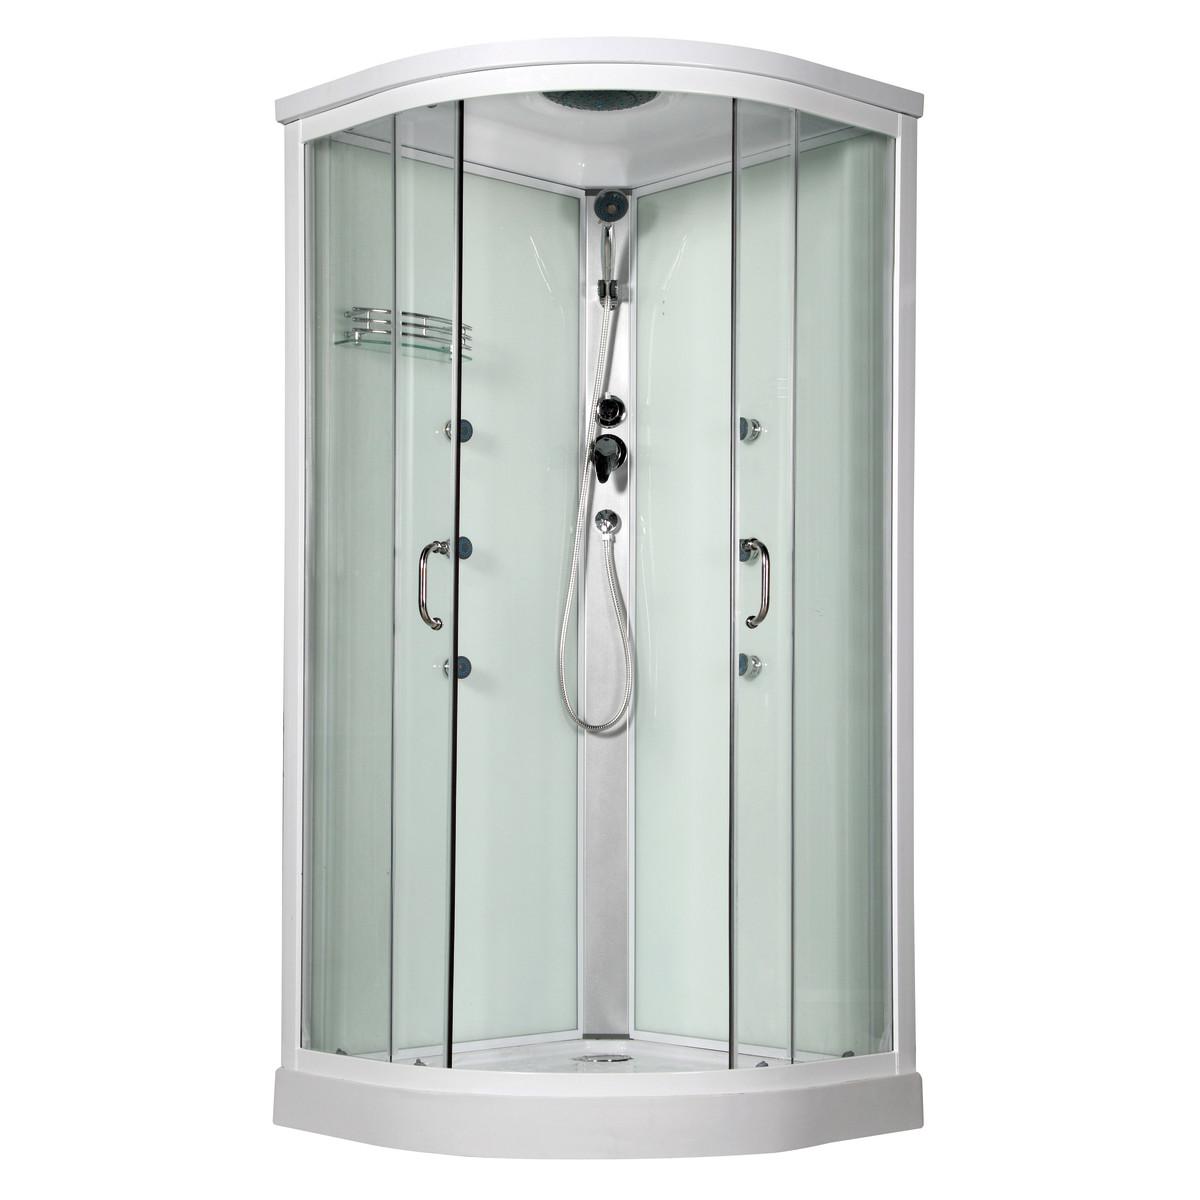 Nessuno cabina doccia idromassaggio 70x110 iride sinistra for Cabina doccia eklis montaggio